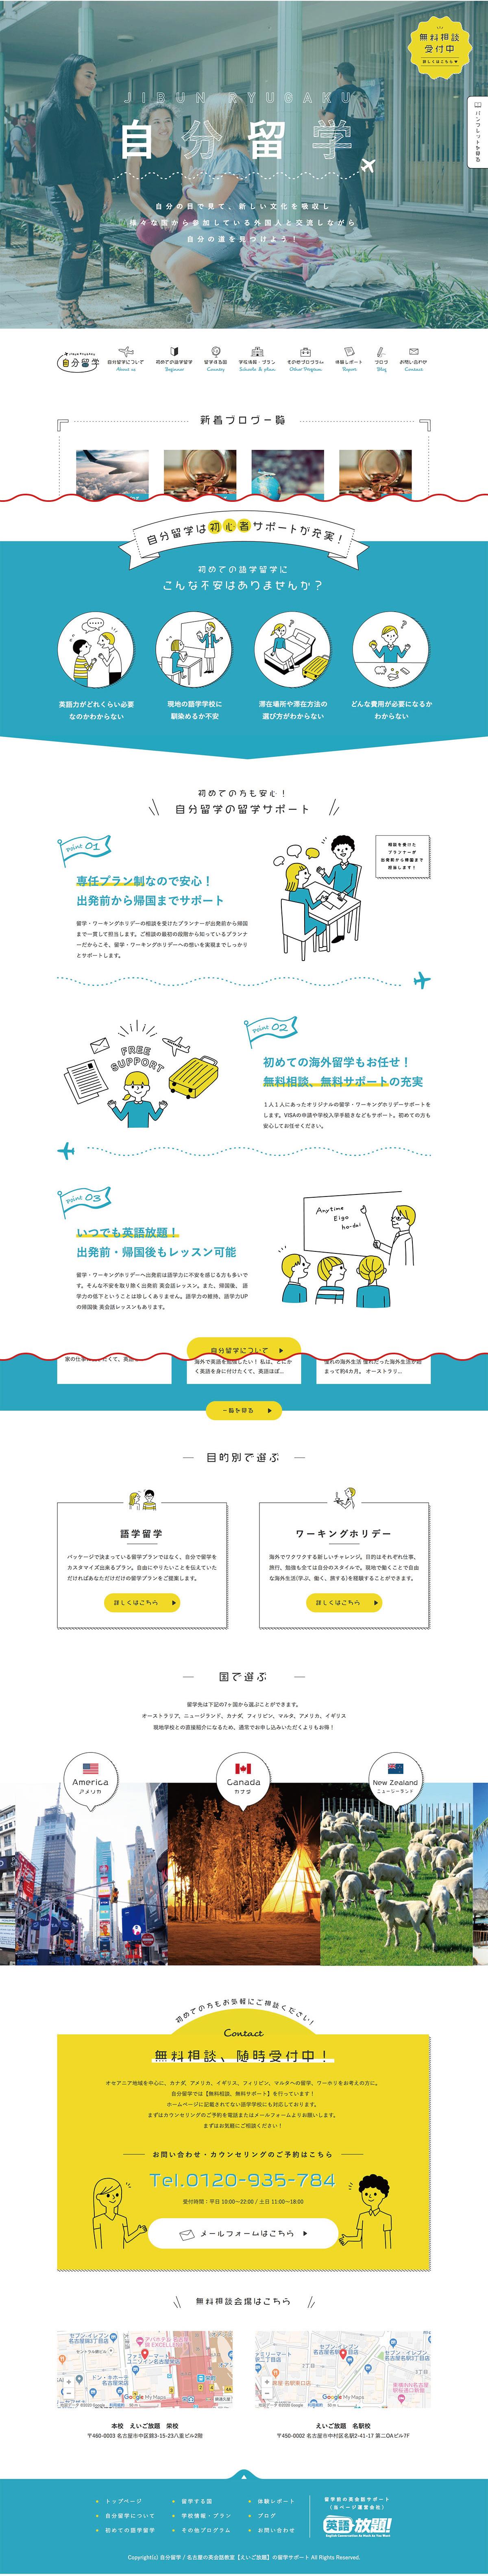 留学サポート事業のホームページデザイン_愛知県名古屋市 自分留学